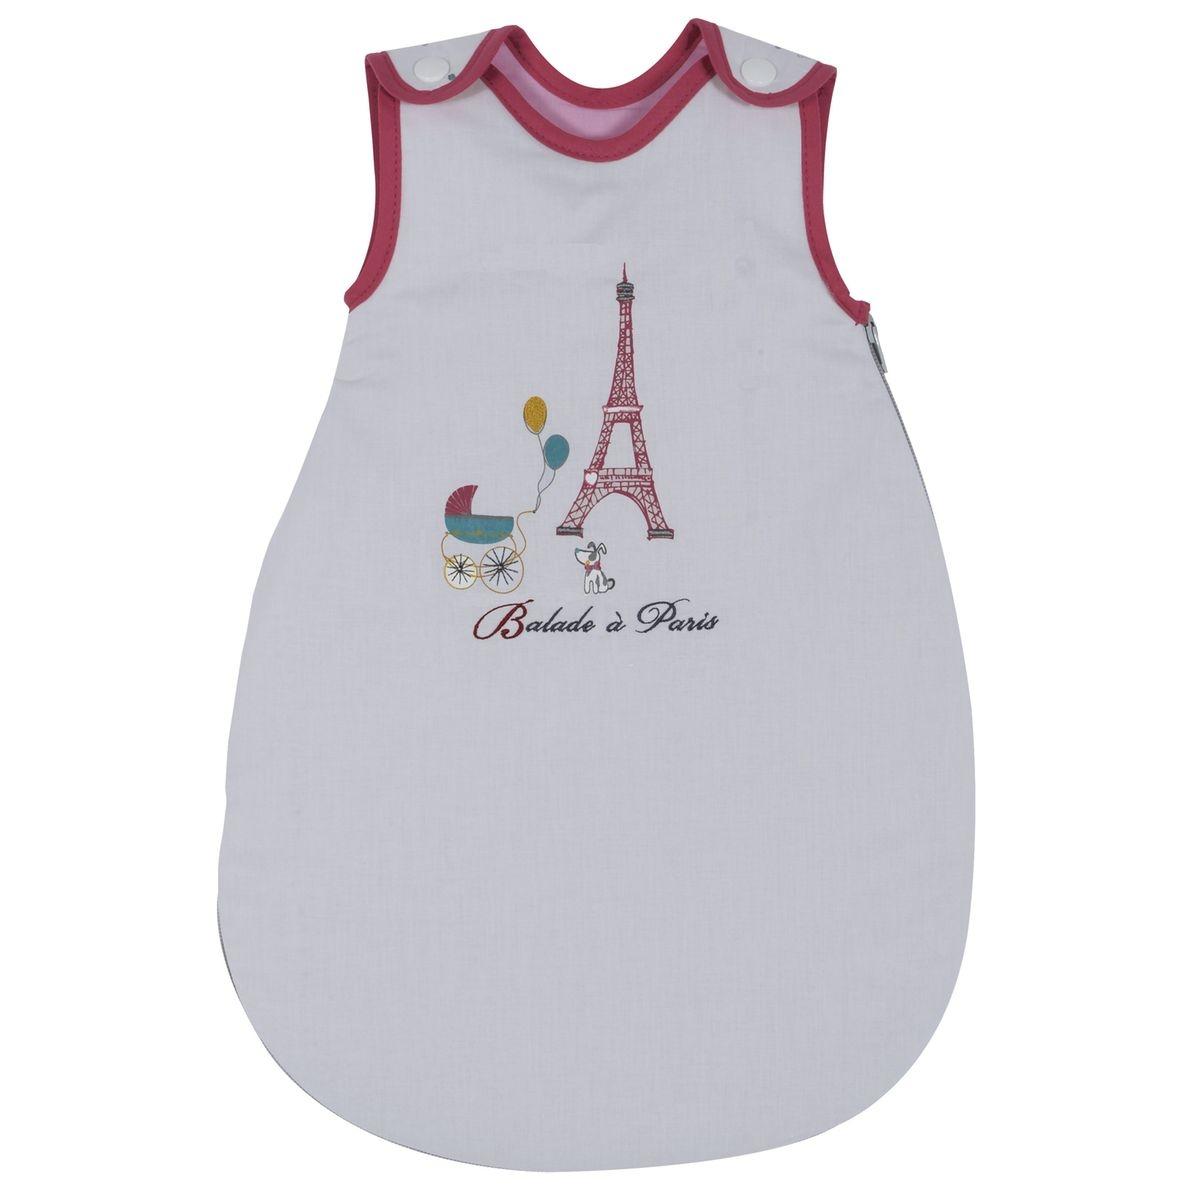 Gigoteuse nourrisson P'tit Basile Collection 'Little Paris' - 0-1 mois - Rose